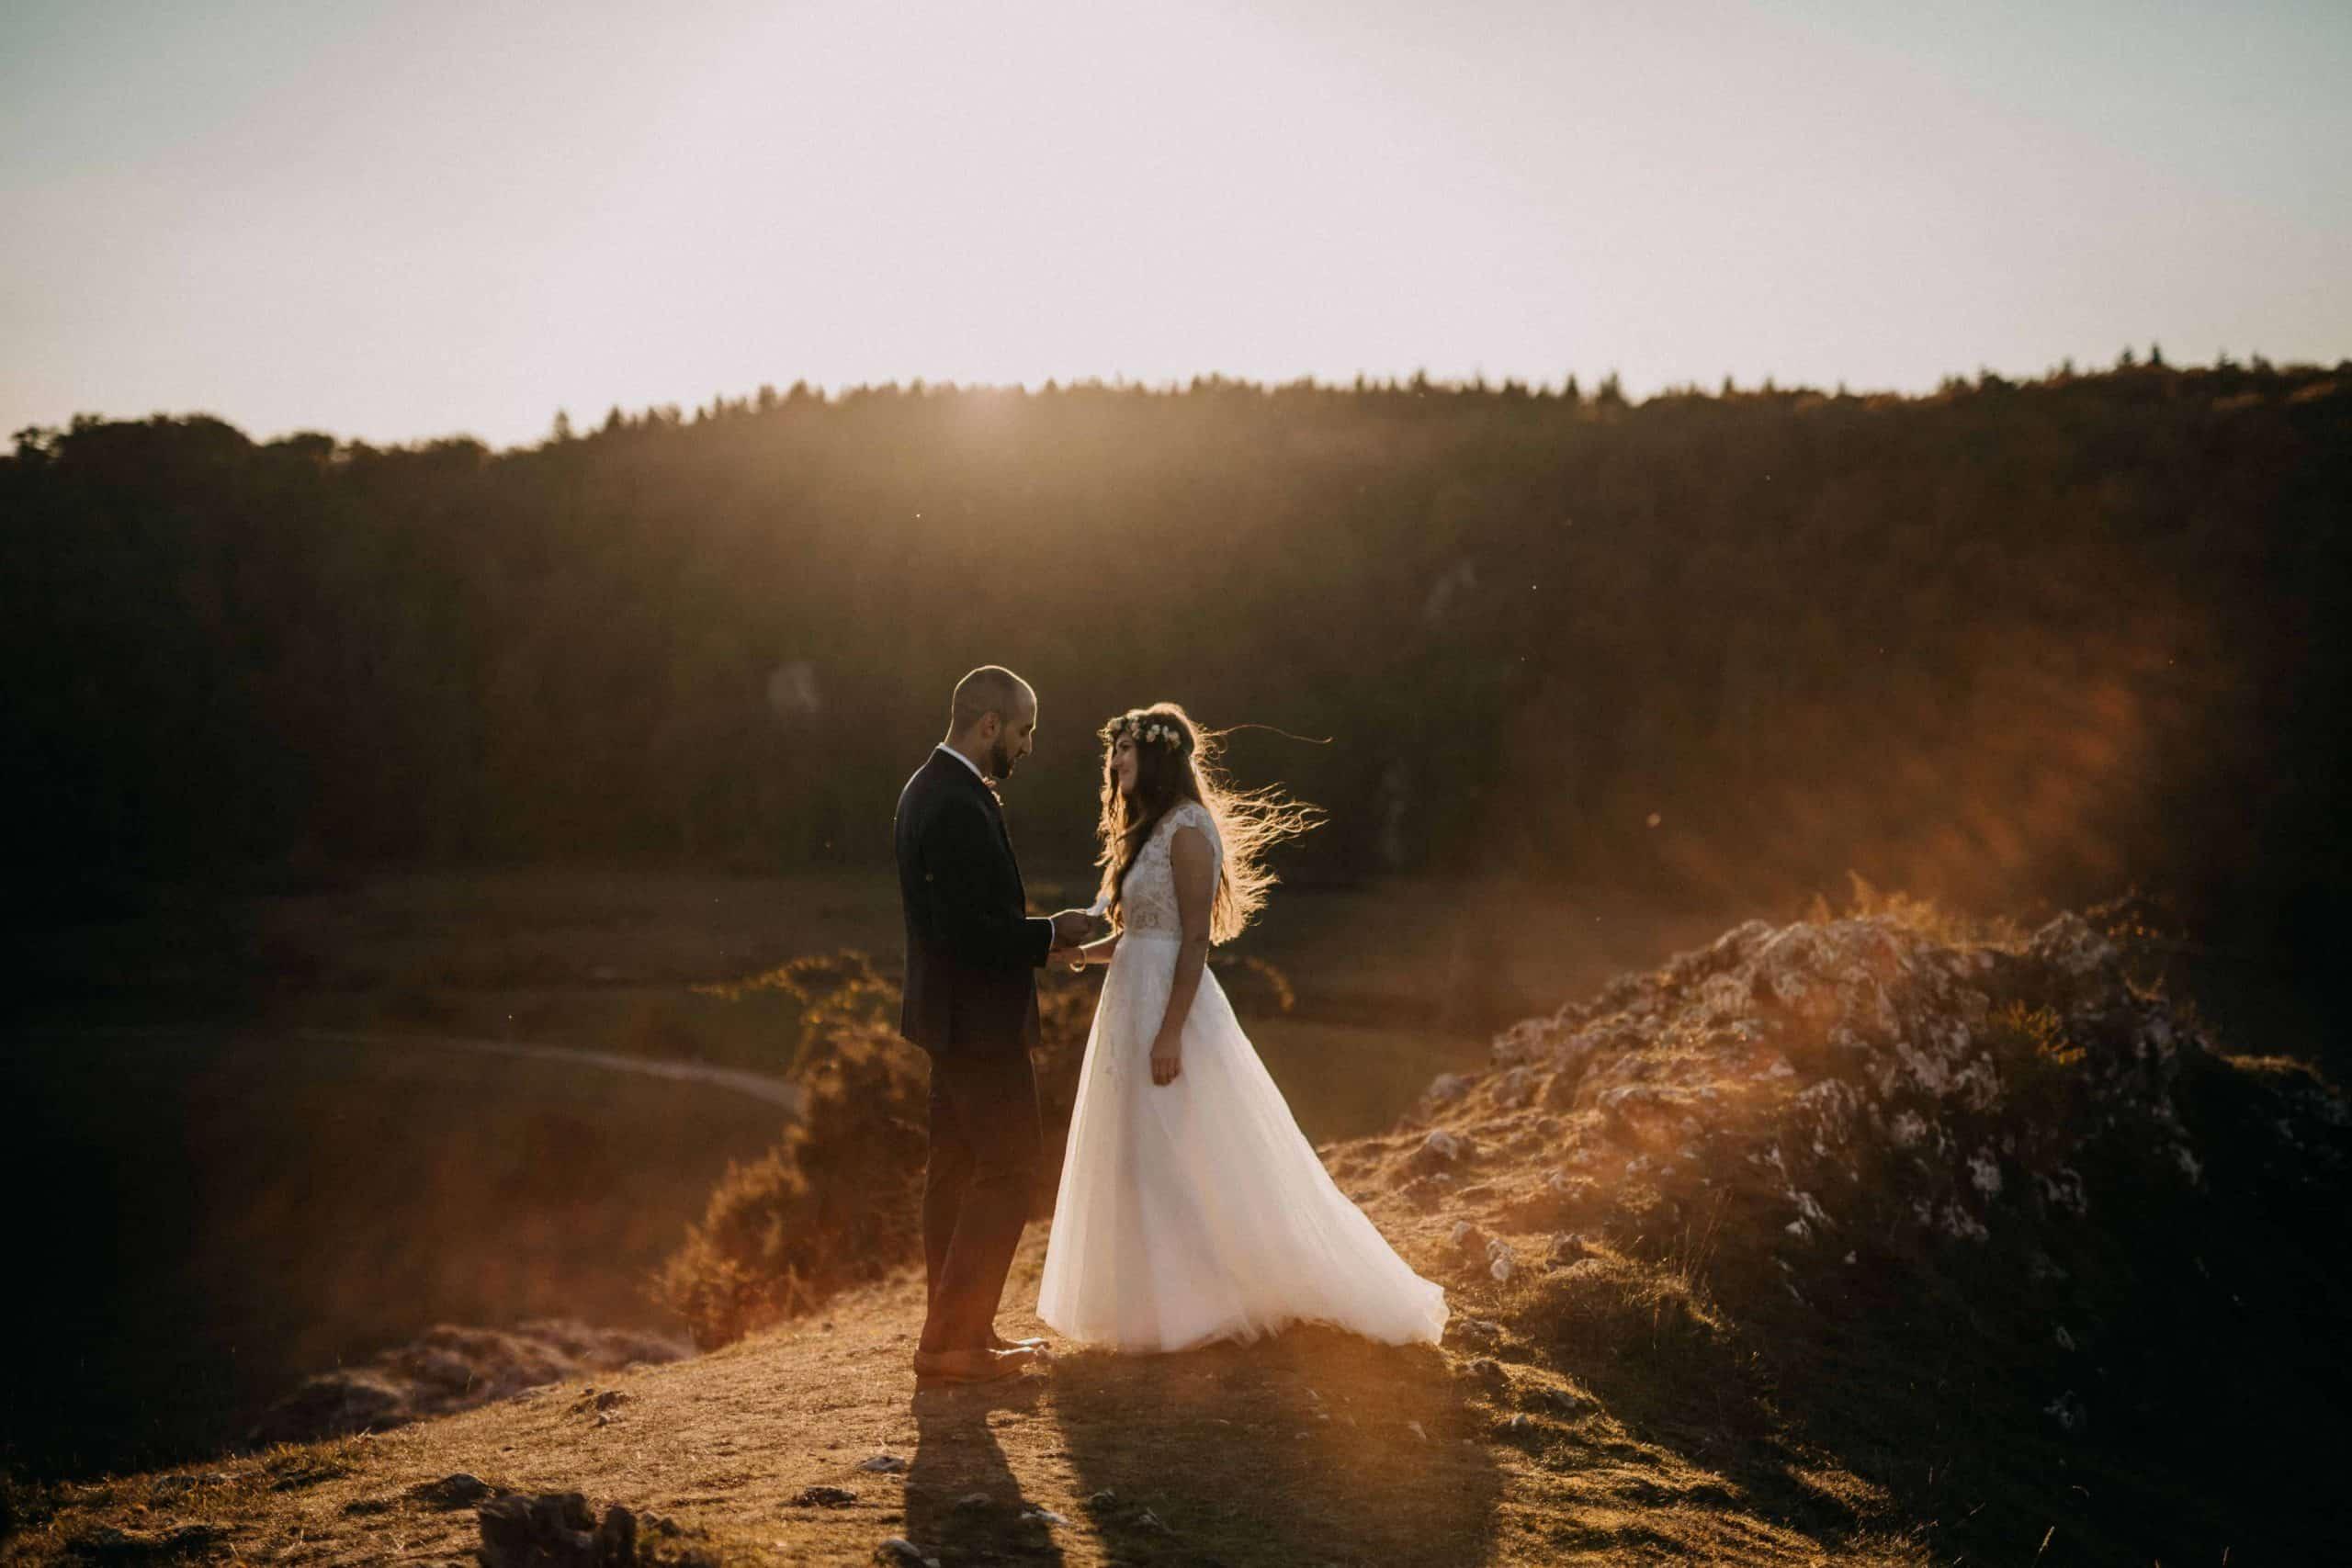 Hochzeitsfotografin-Elopment-Hochzeit-Fotograf-Ulm